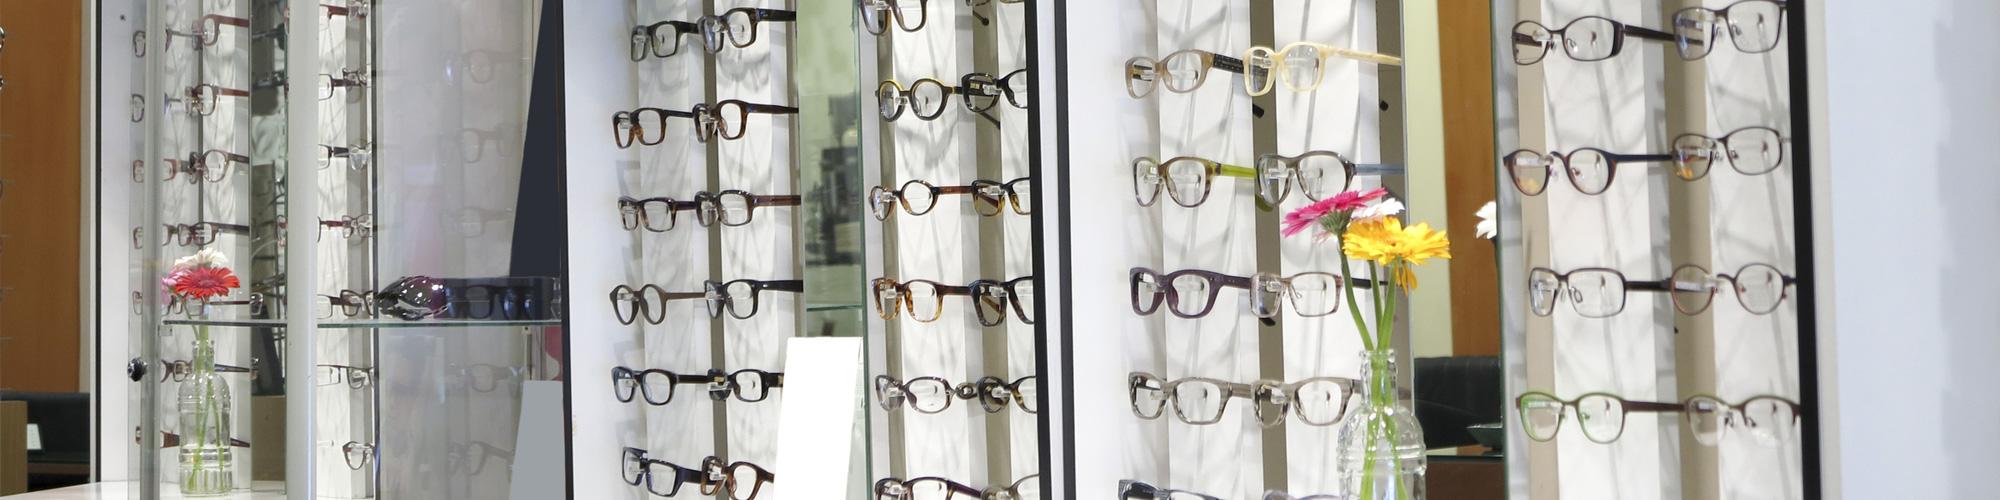 Brillenfassungen und -gläser